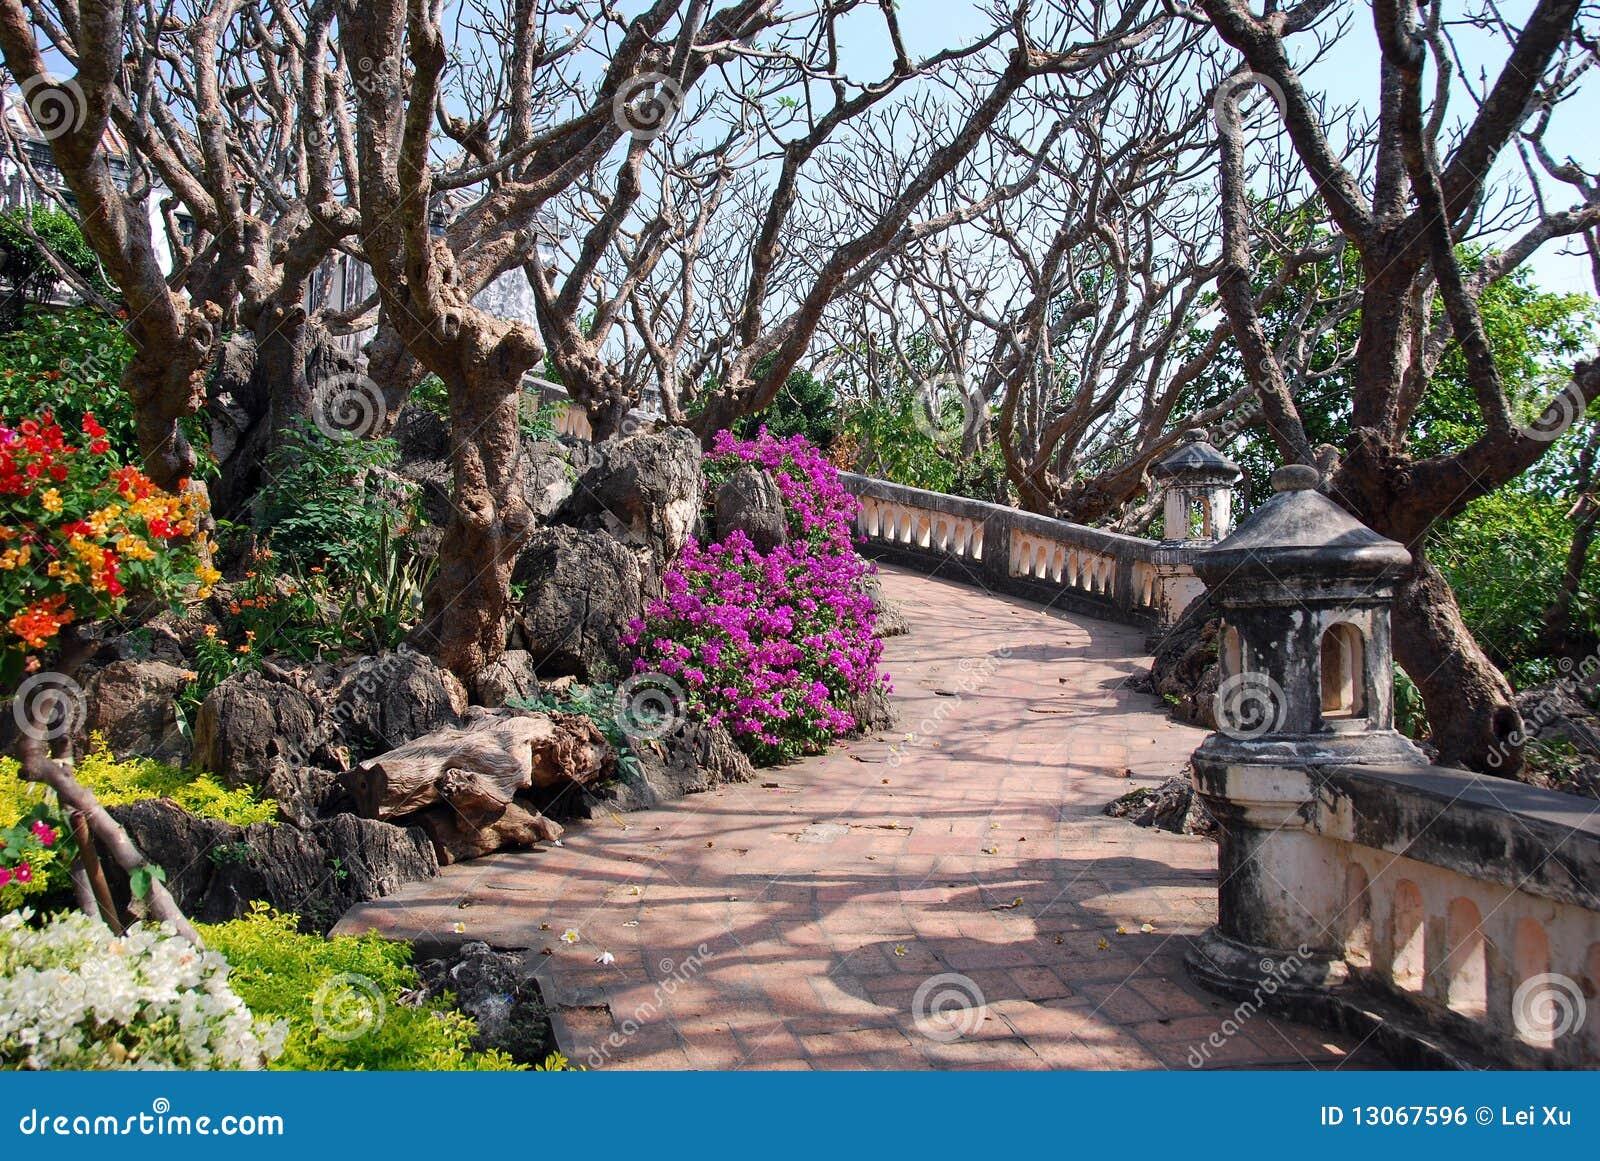 Phetchaburi Thailand  city photos : Phetchaburi, Thailand: Royal Palace Gardens Royalty Free Stock Image ...